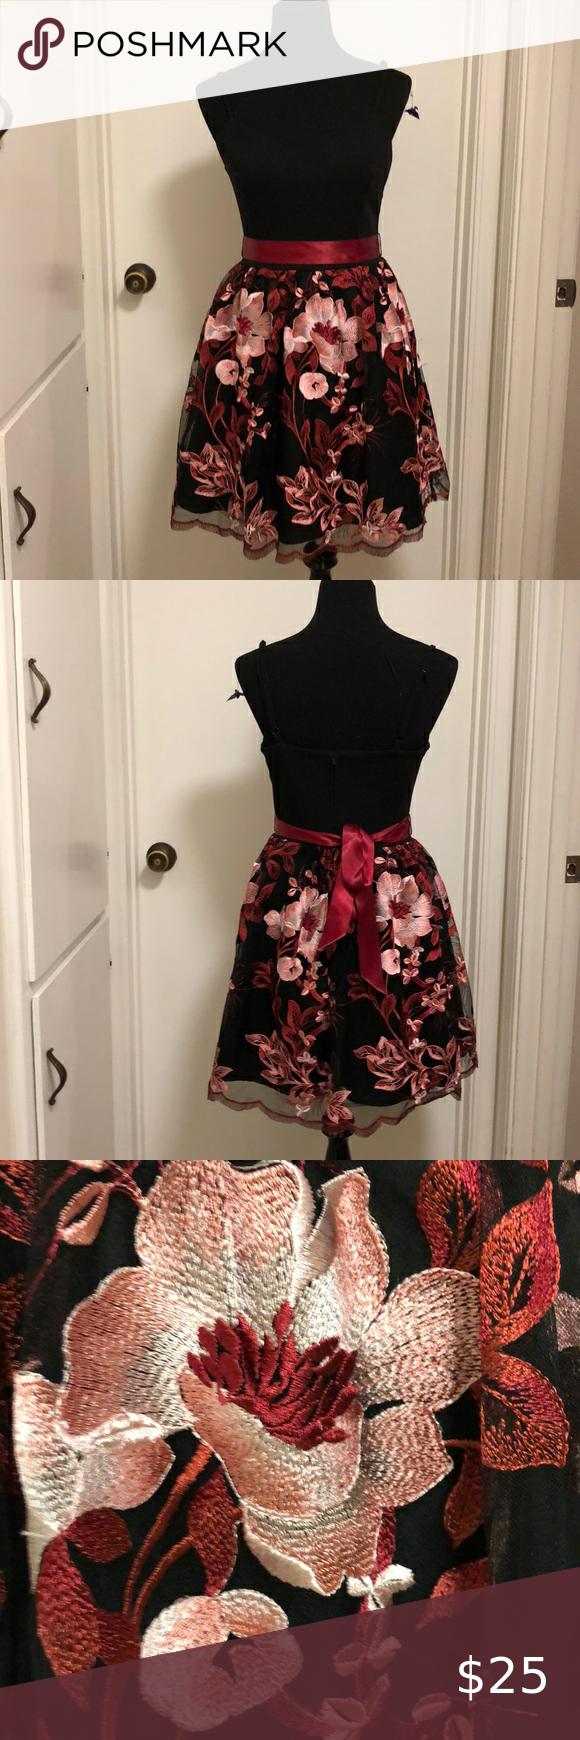 Cute Summer Dress By Teezeme In 2020 Cute Summer Dresses Summer Dresses Size 12 Girls [ 1740 x 580 Pixel ]